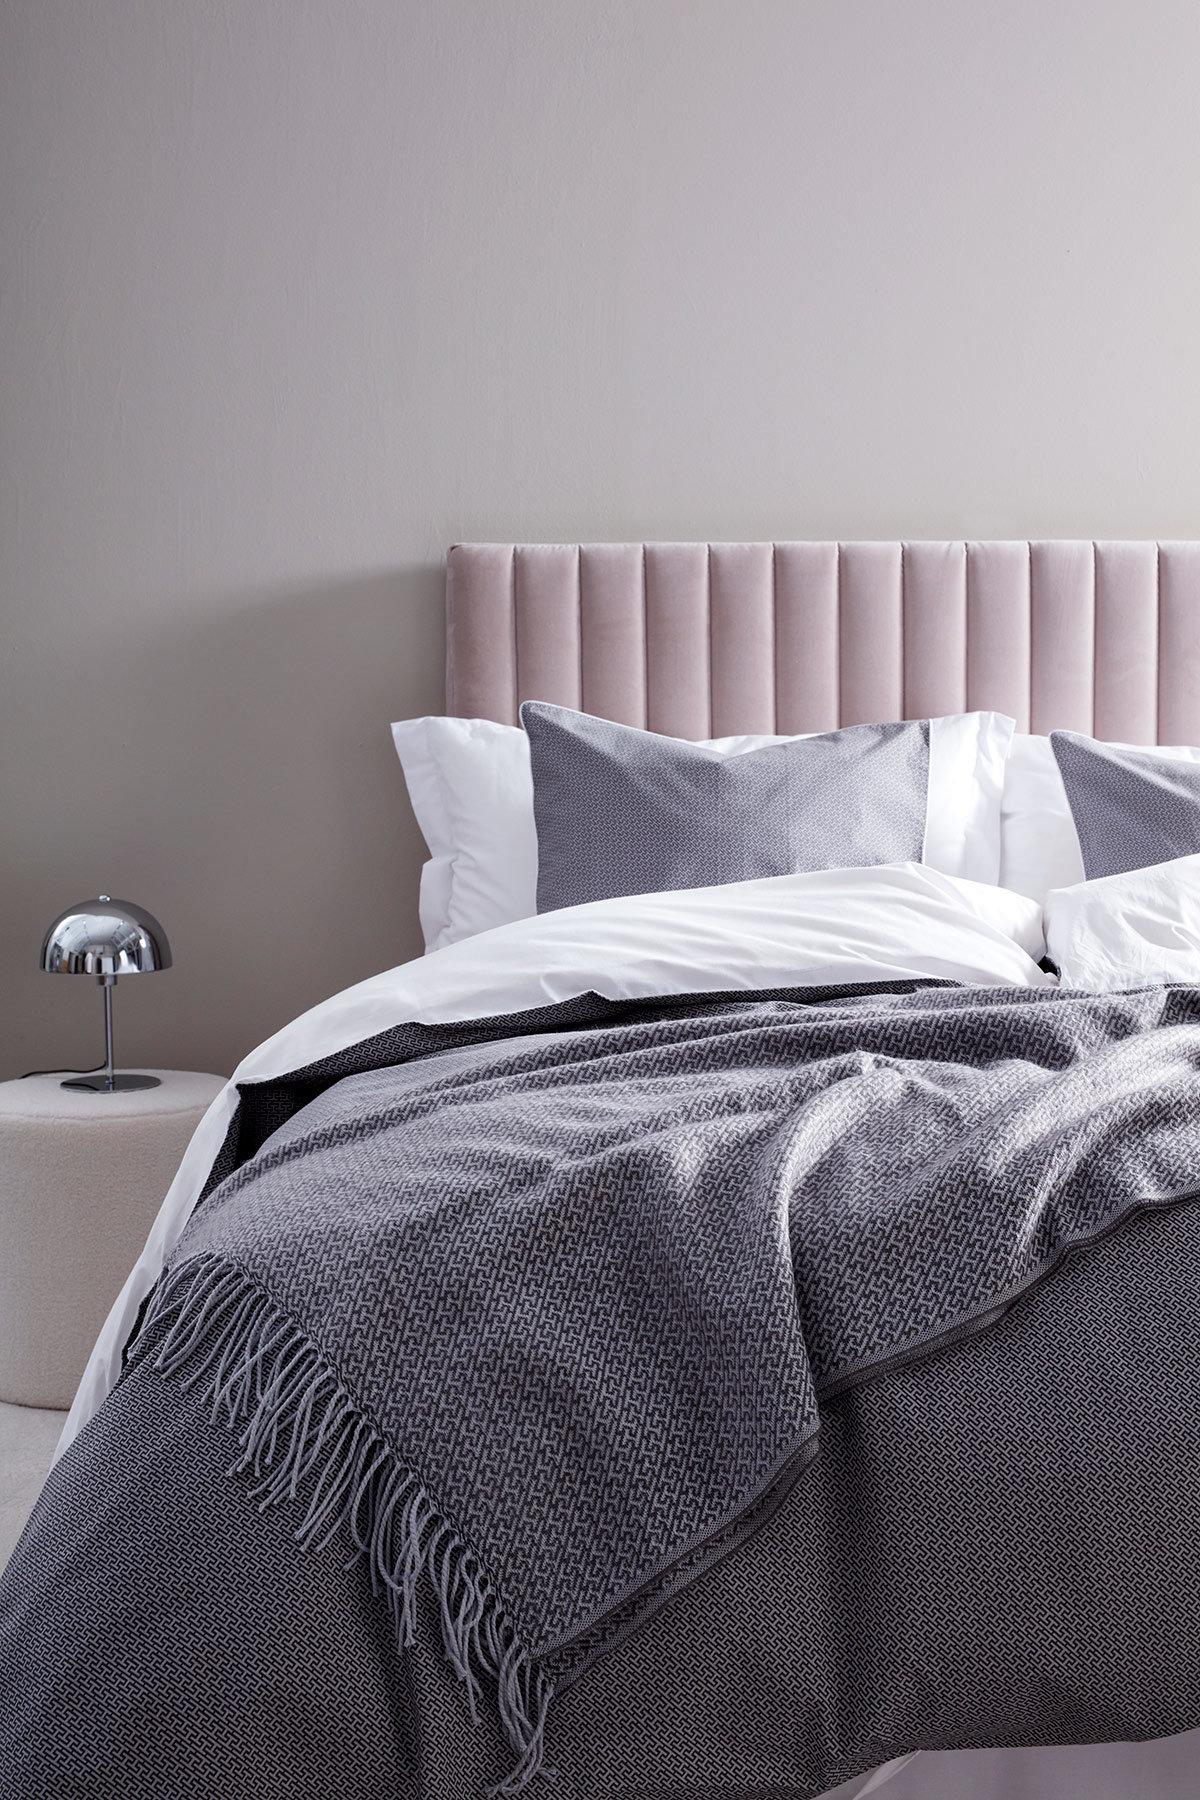 Grått bäddset och pläd, samt rosa sänggavel